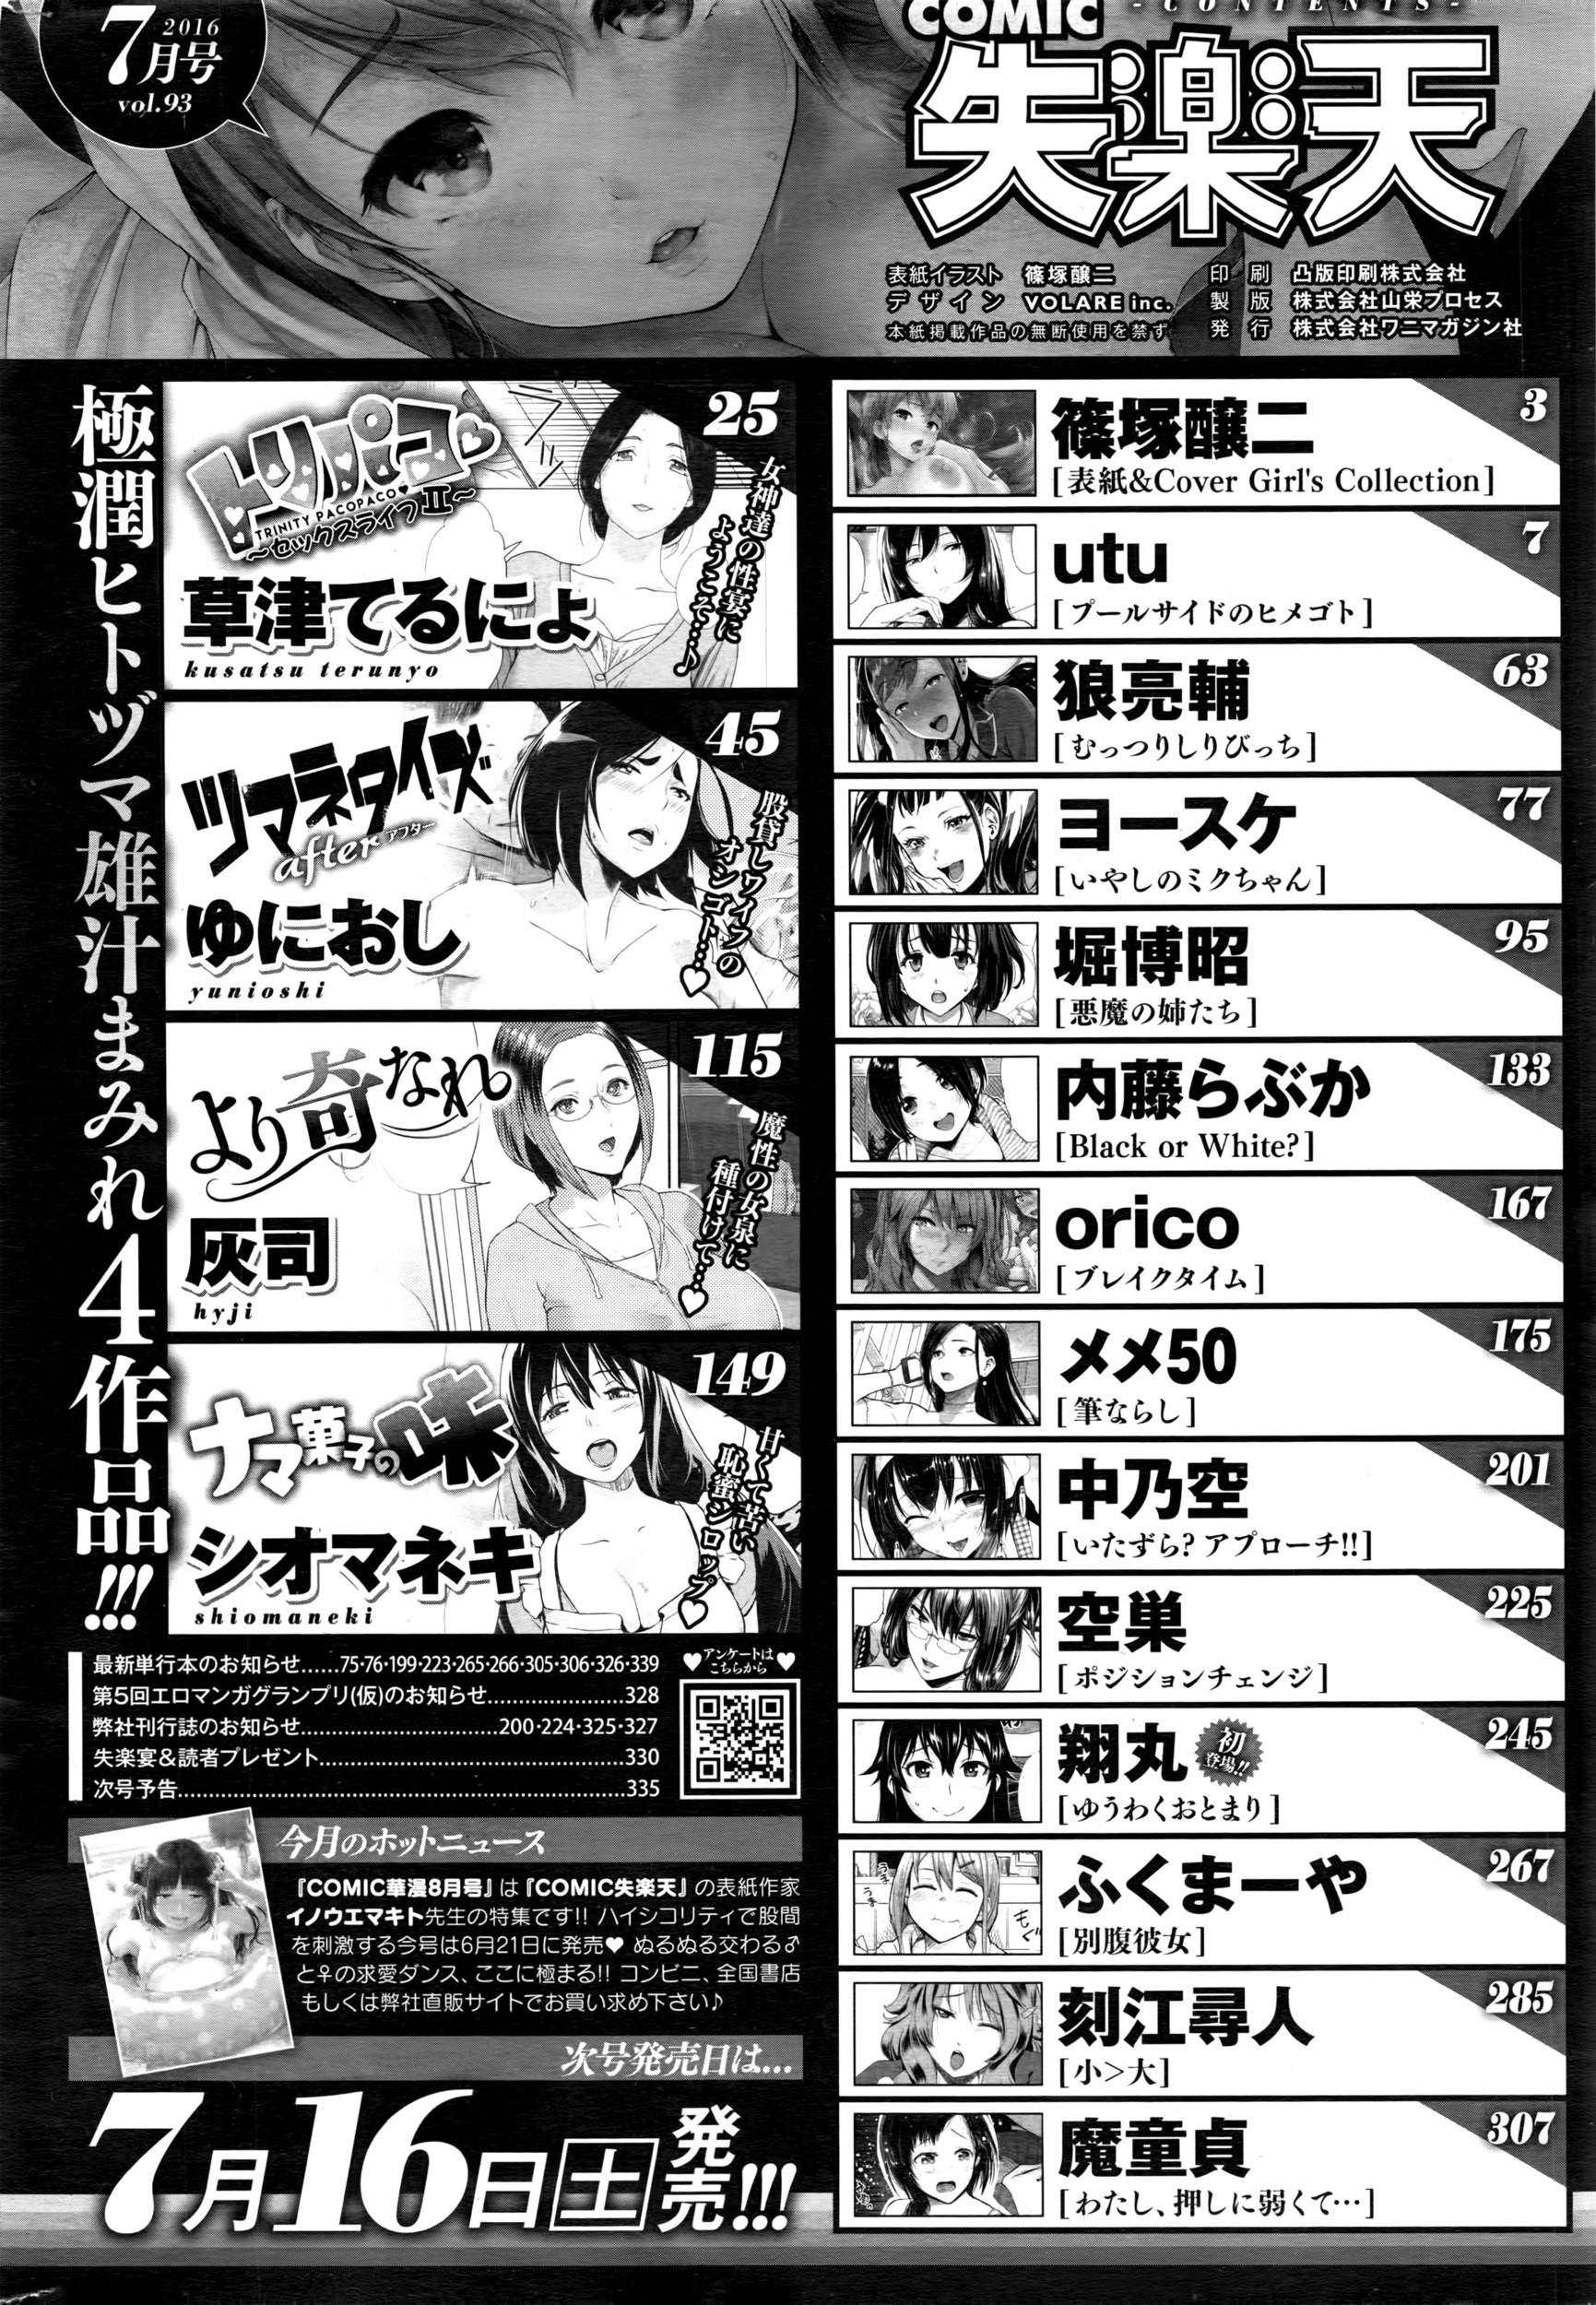 COMIC Shitsurakuten 2016-07 334